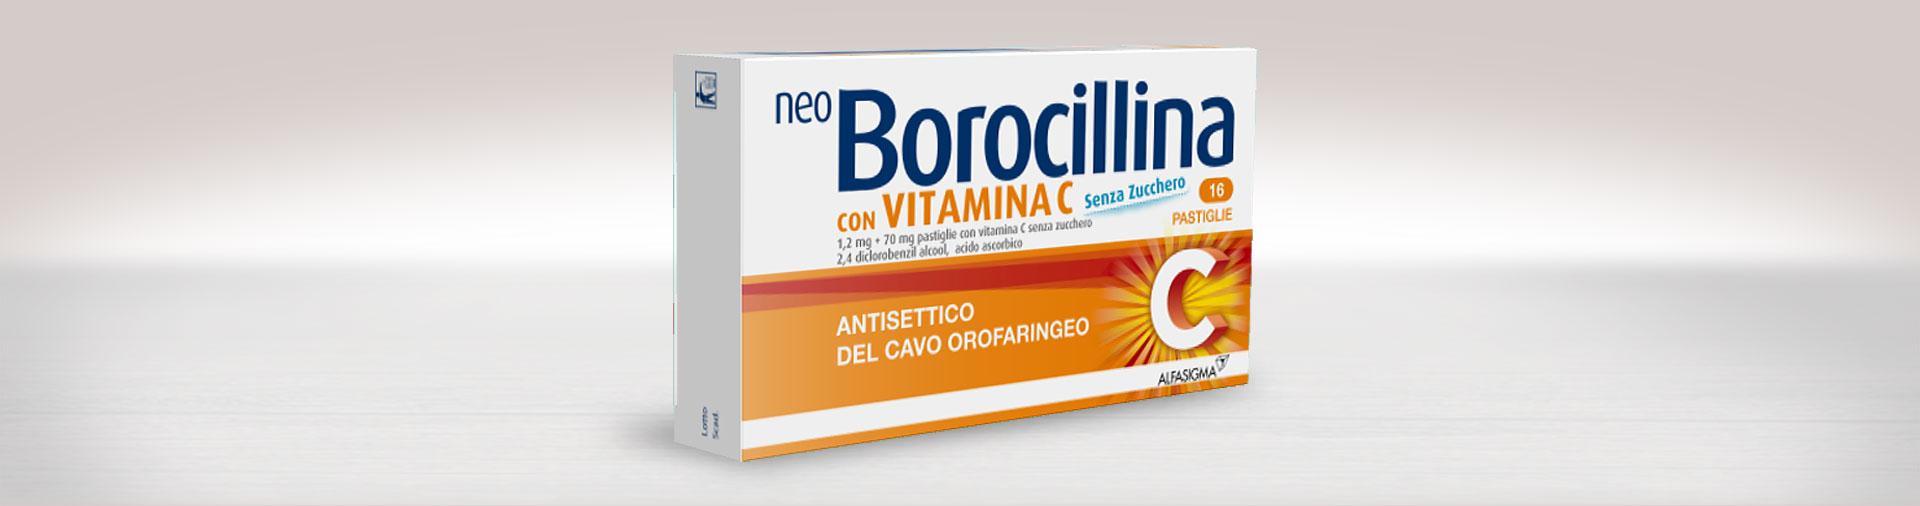 NeoBorocillina con Vitamina C